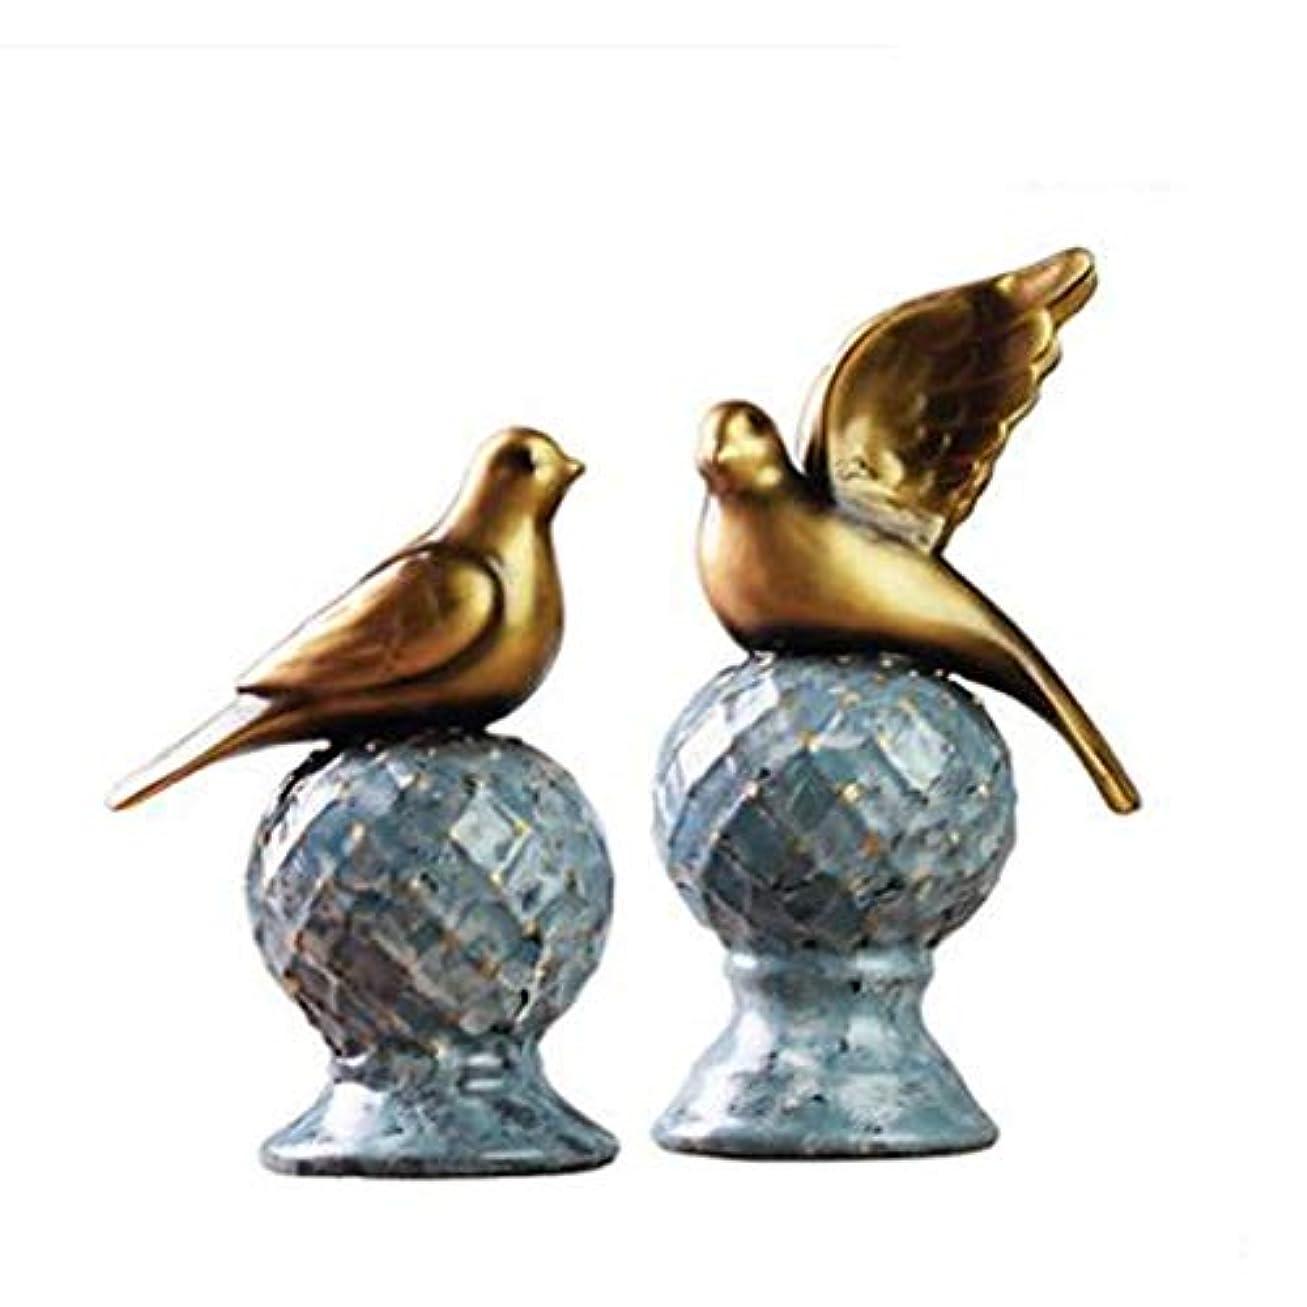 決してムスタチオ煙Hongyuantongxun 装飾品、装飾品、現代ヨーロッパの居間、ポーチ、樹脂工芸品、アメリカのテレビキャビネット、鳥の陳列,、装飾品ペンダント (Color : Gold)